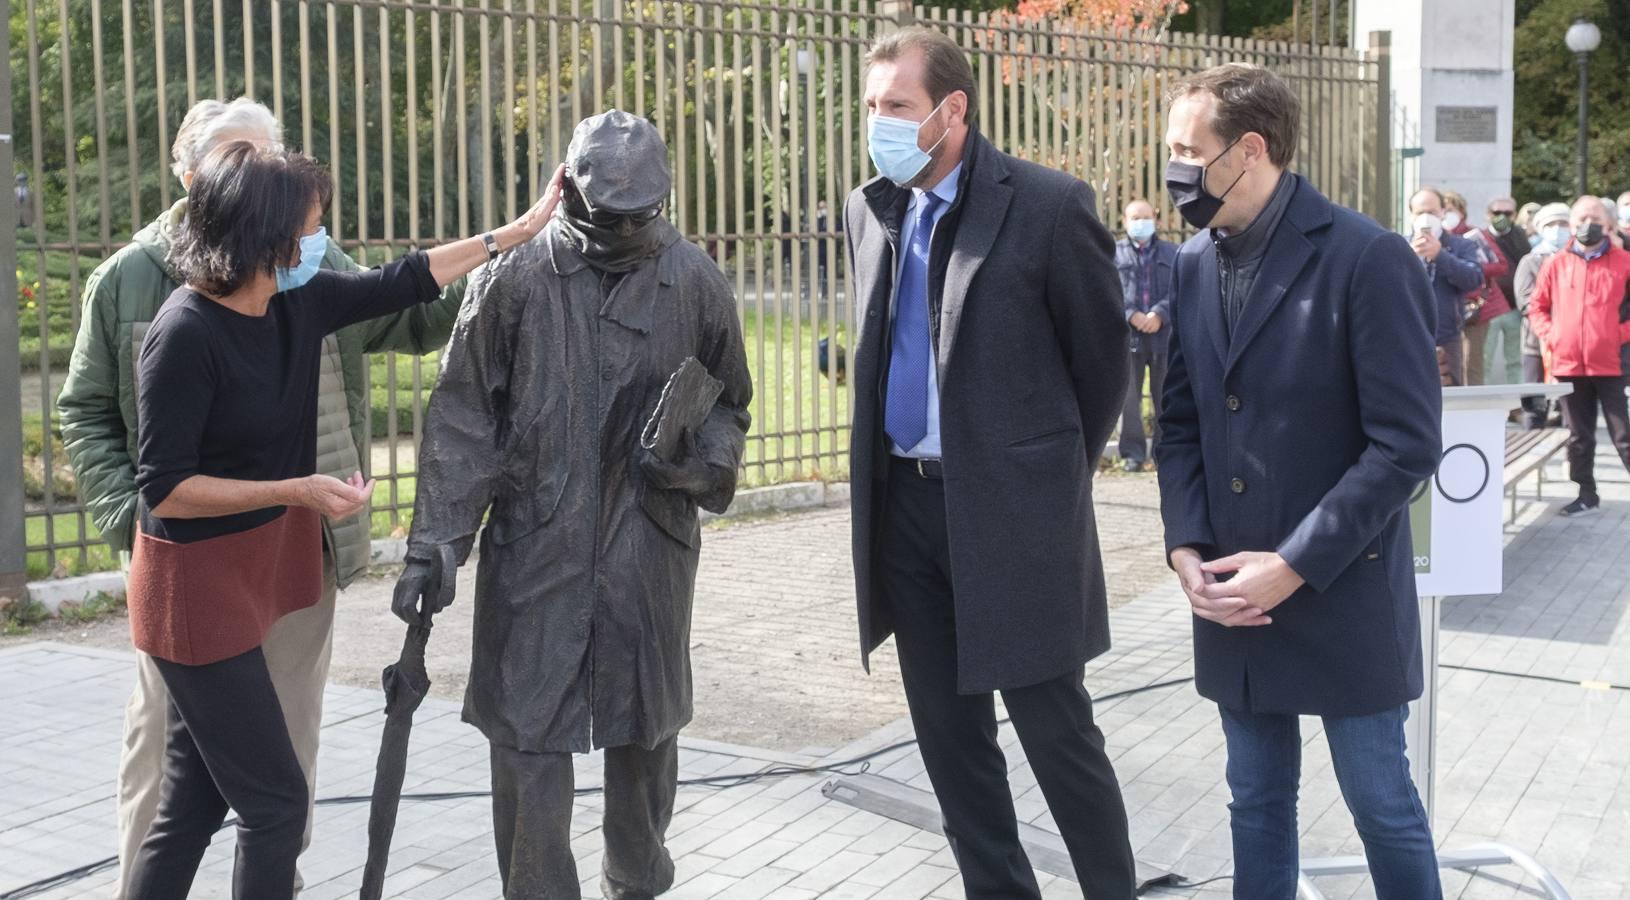 Inauguración de la escultura conmemorativa del centenario del nacimiento de Miguel Delibes en Valladolid